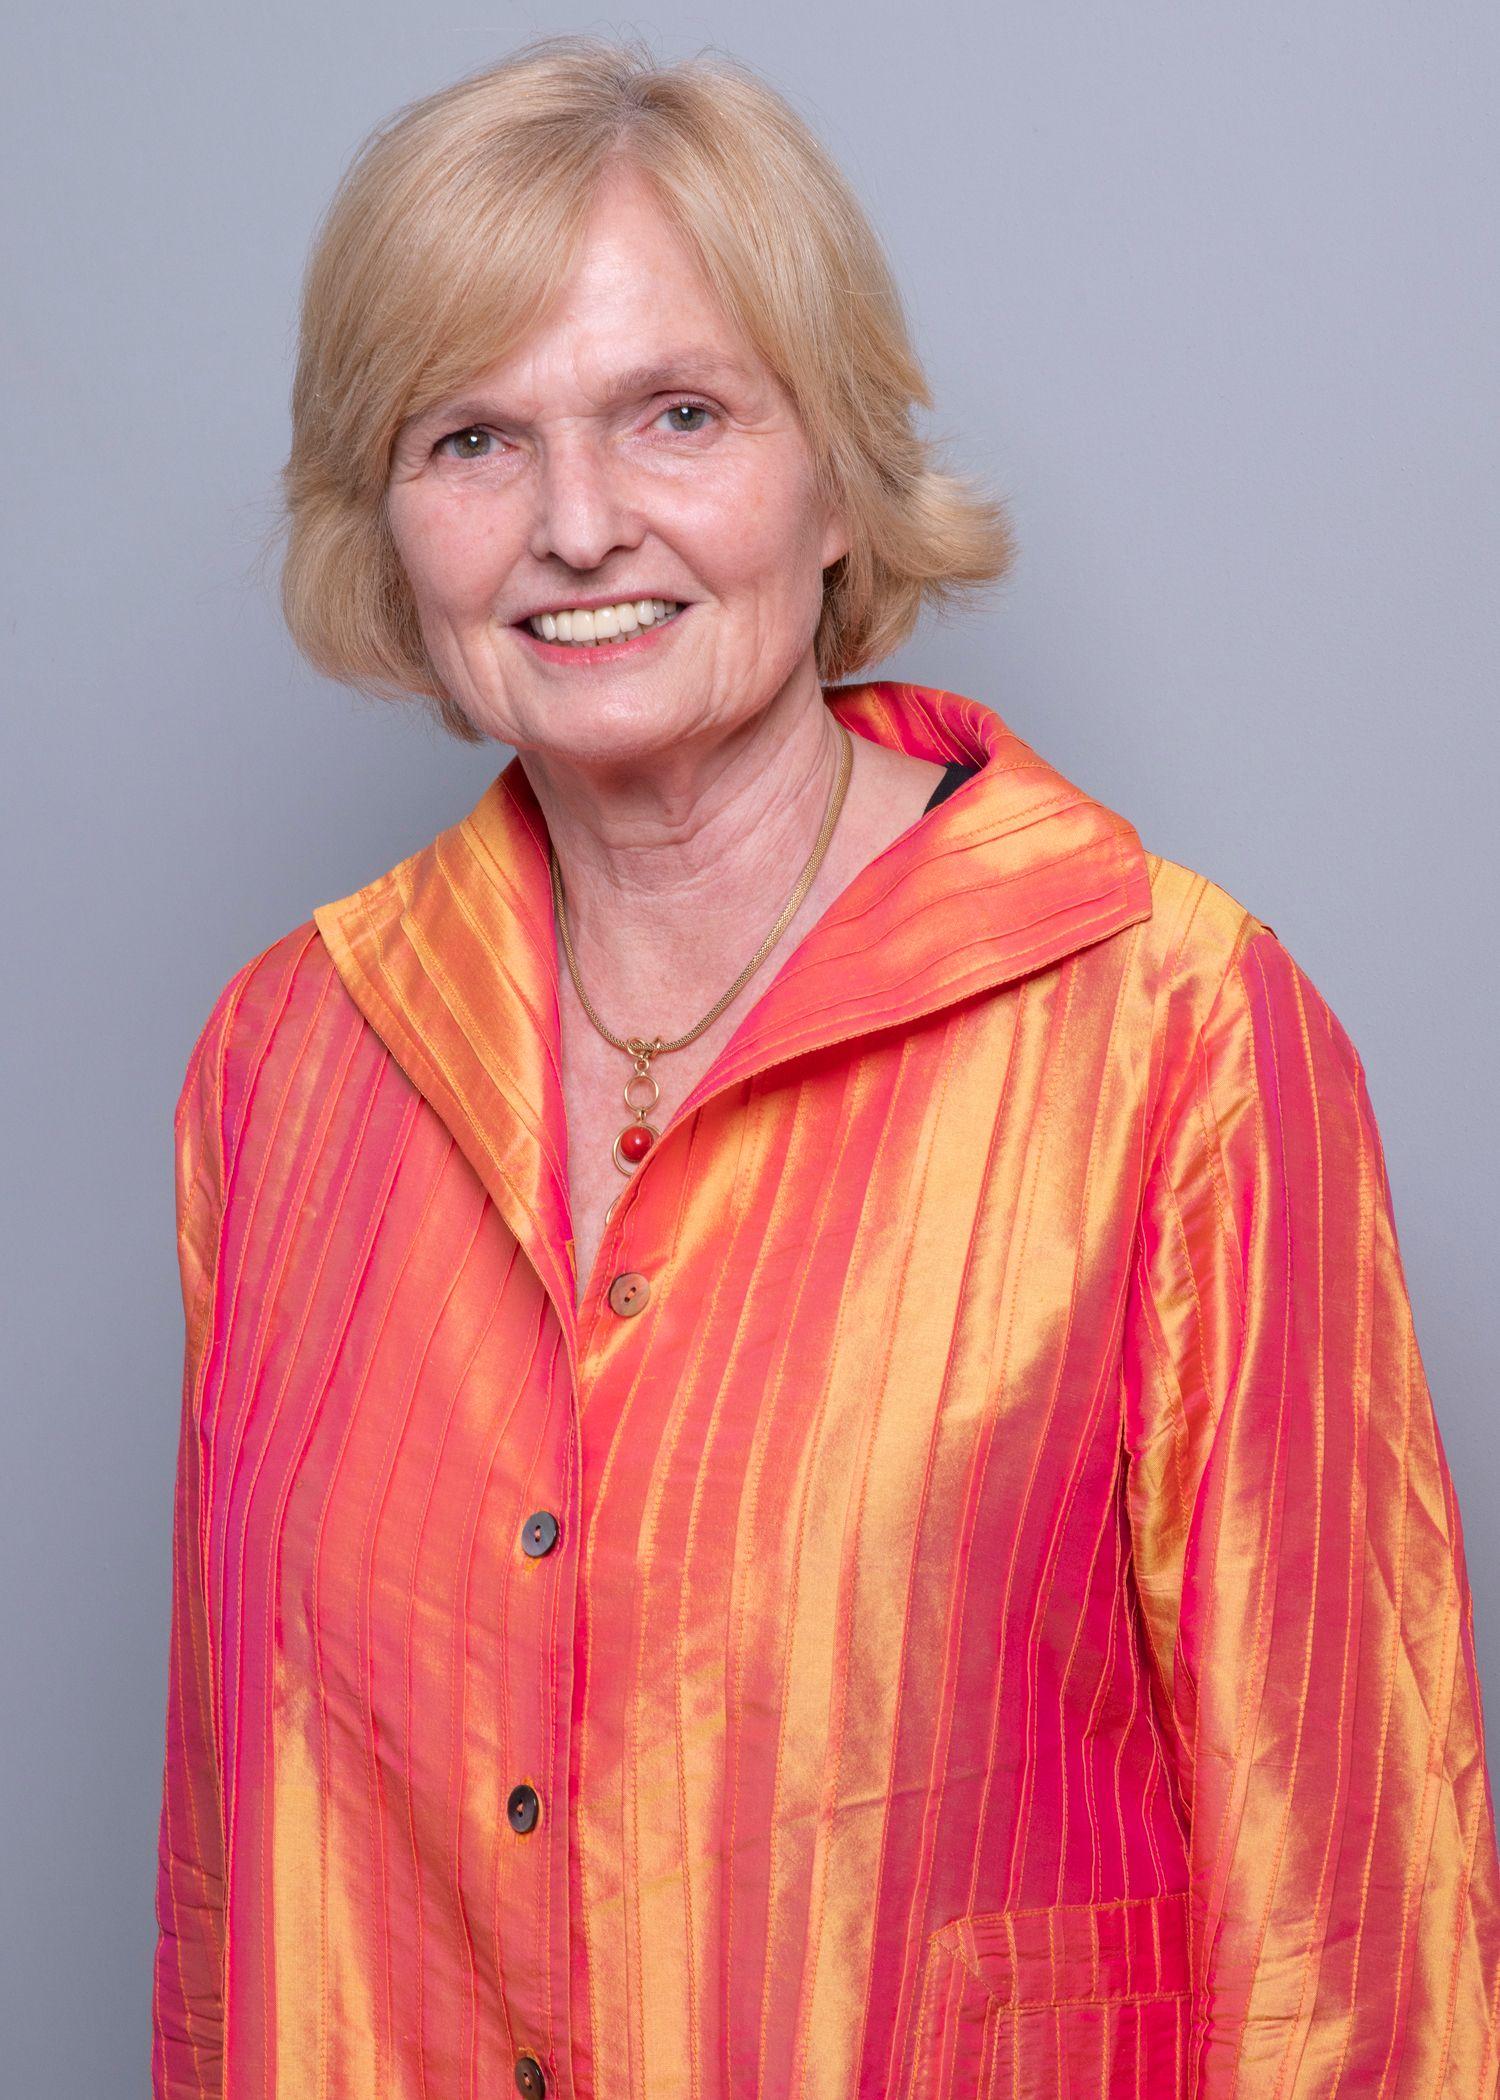 Ann MacMilan